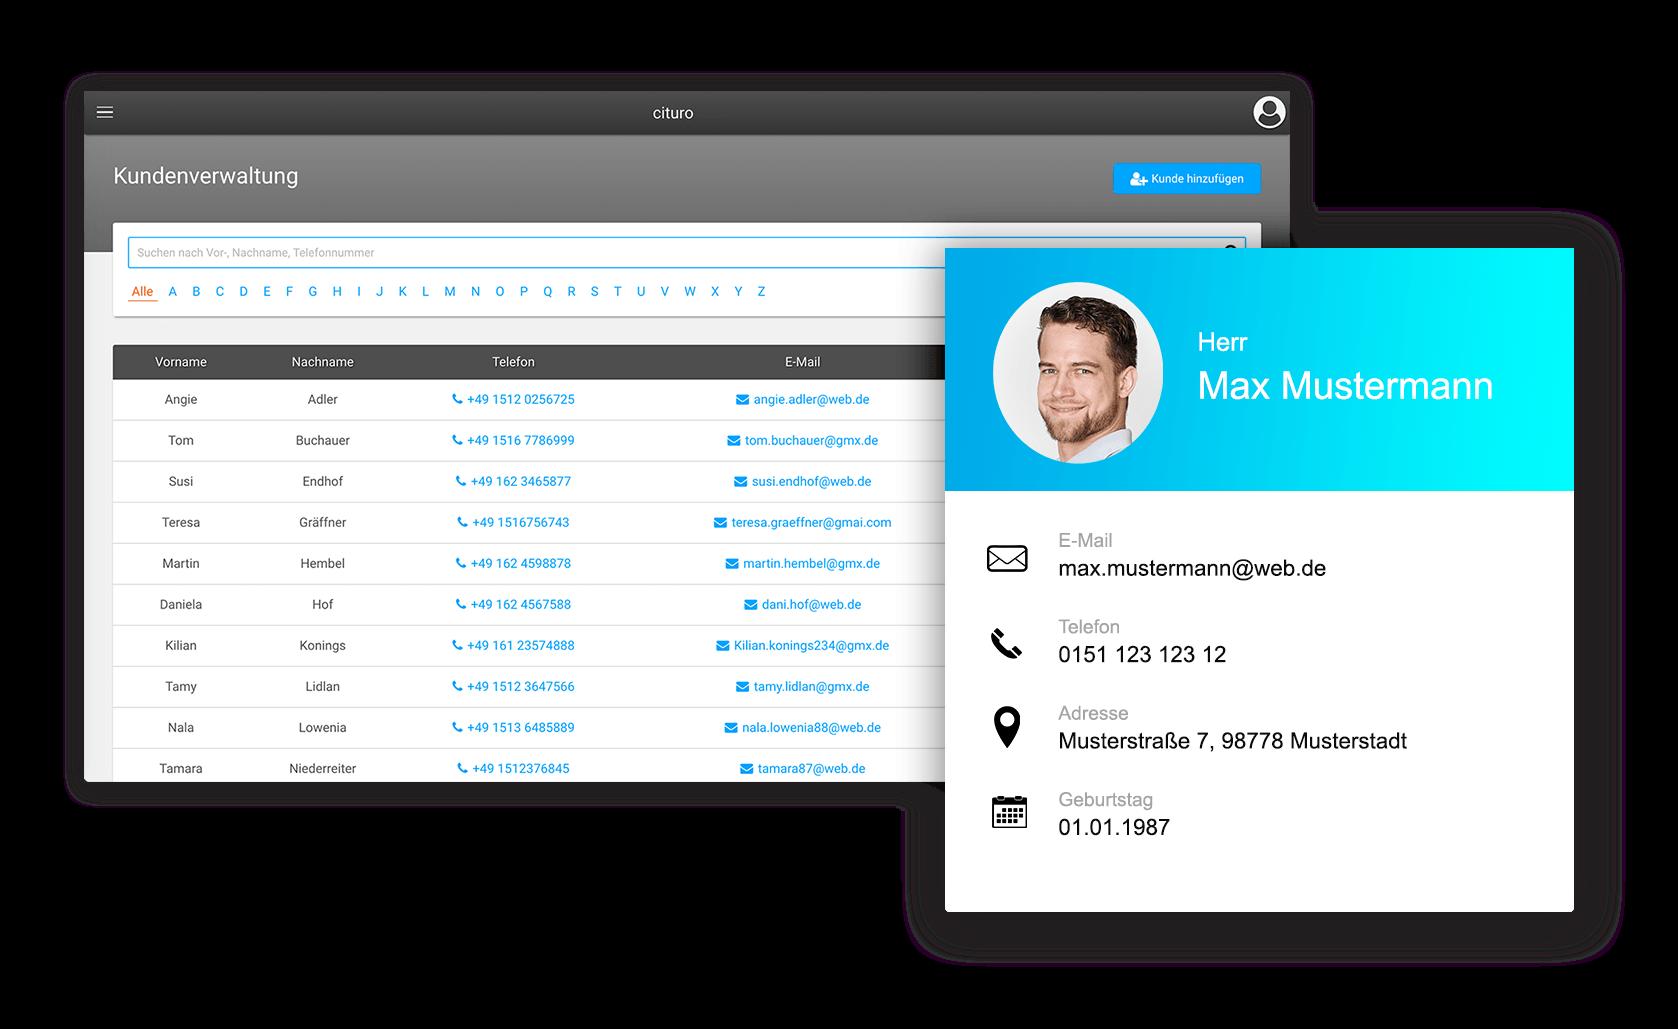 Einfache Kundenverwaltung mit unserer Studio-Software